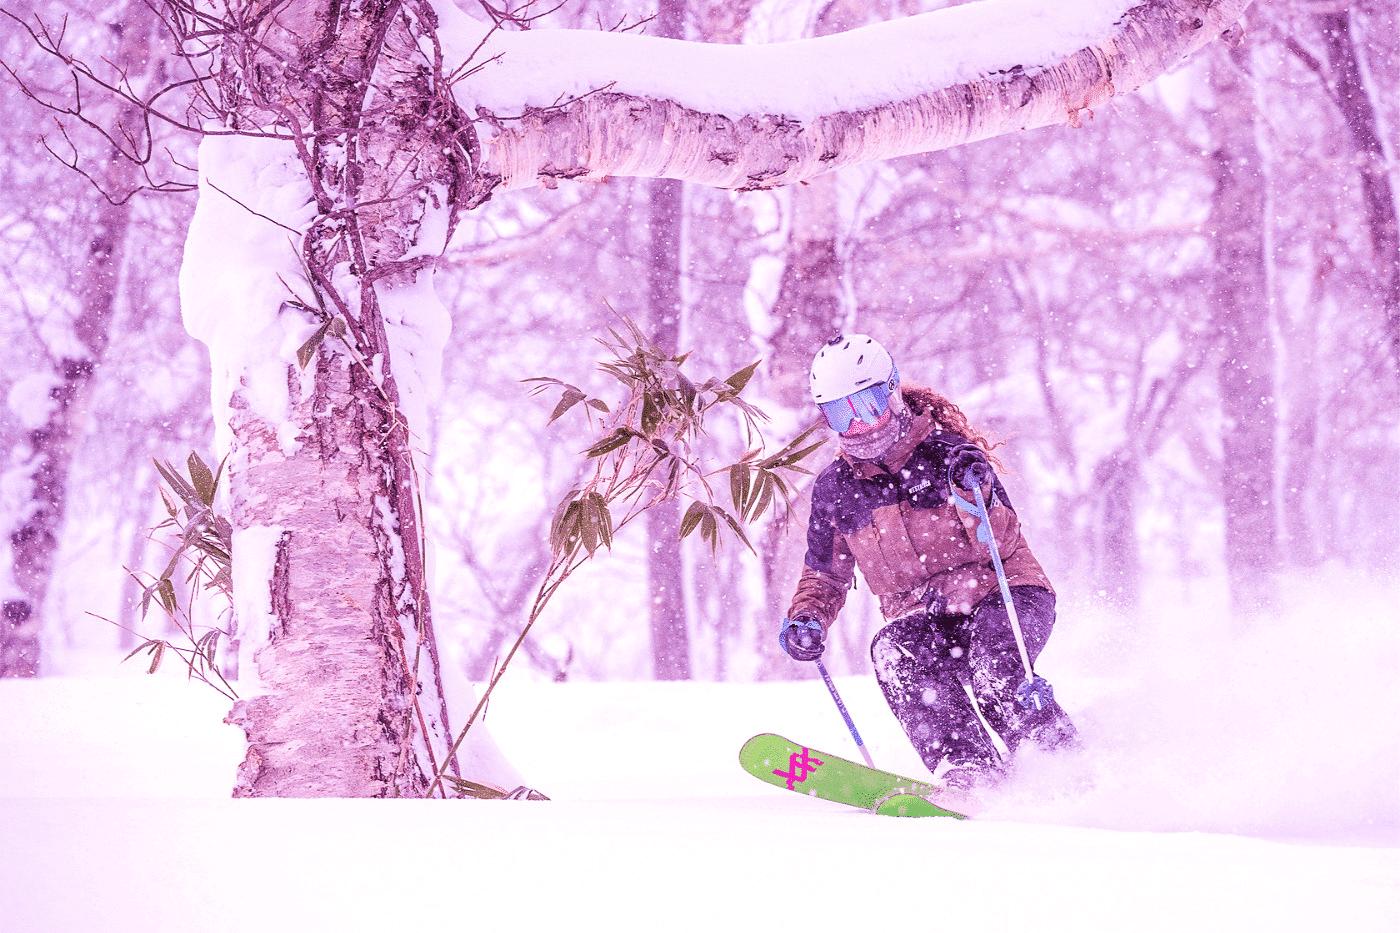 Ski Trip Japan